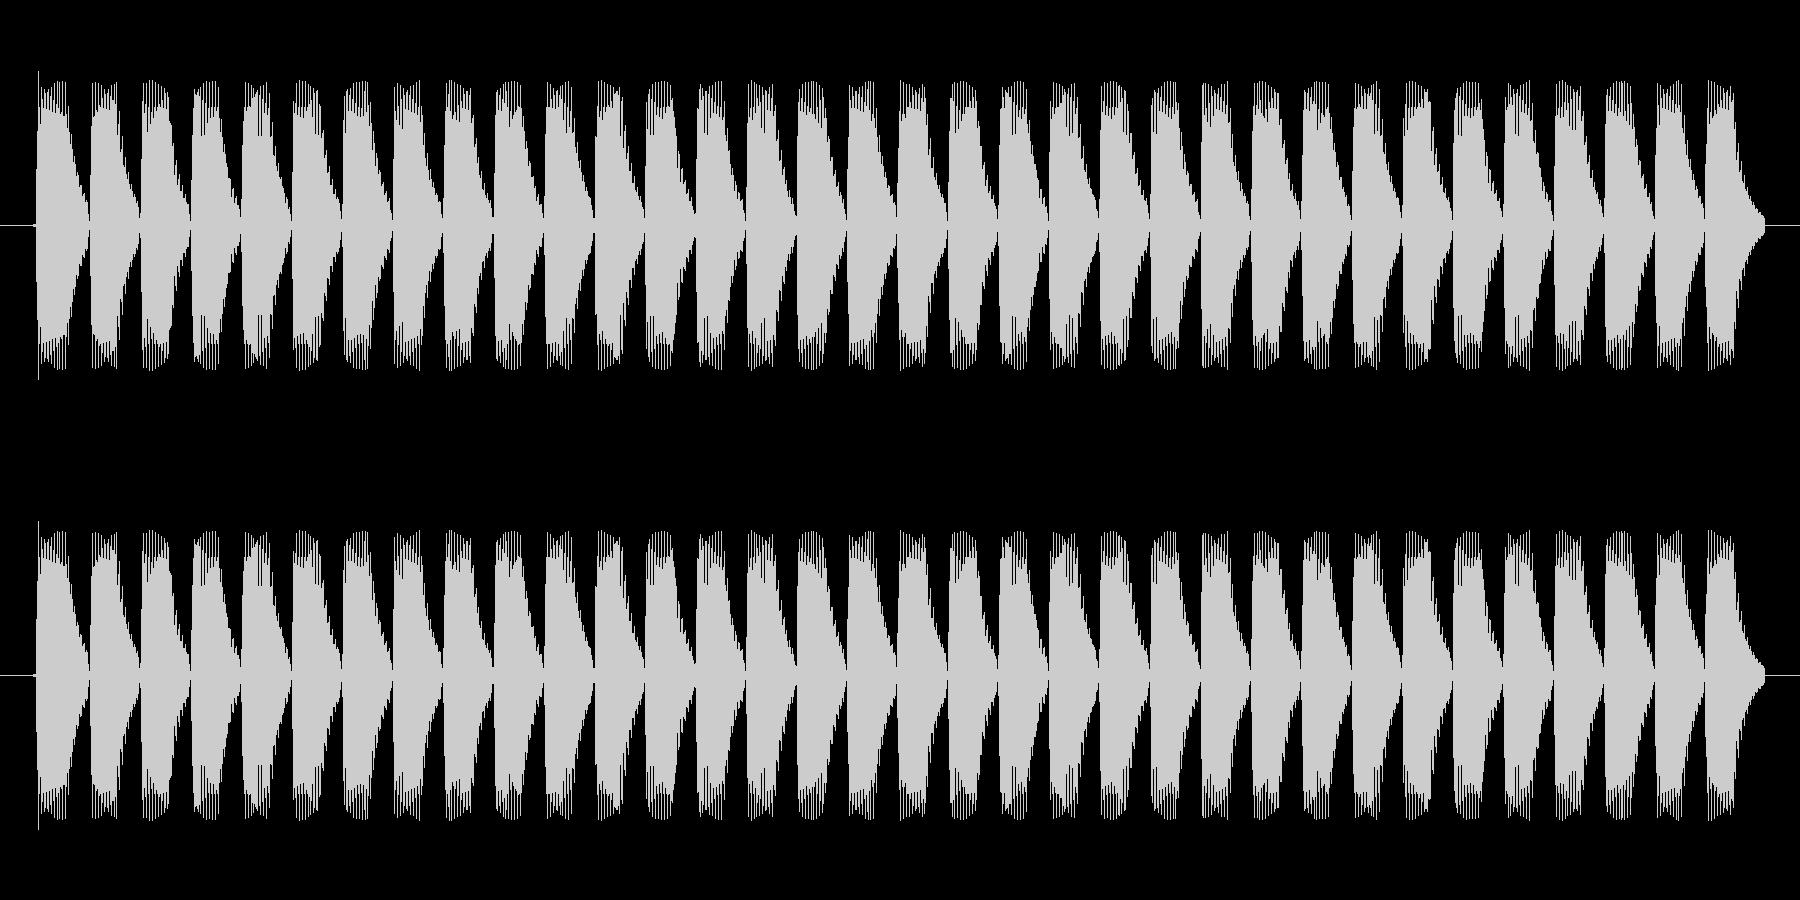 HPゲージの効果音の未再生の波形